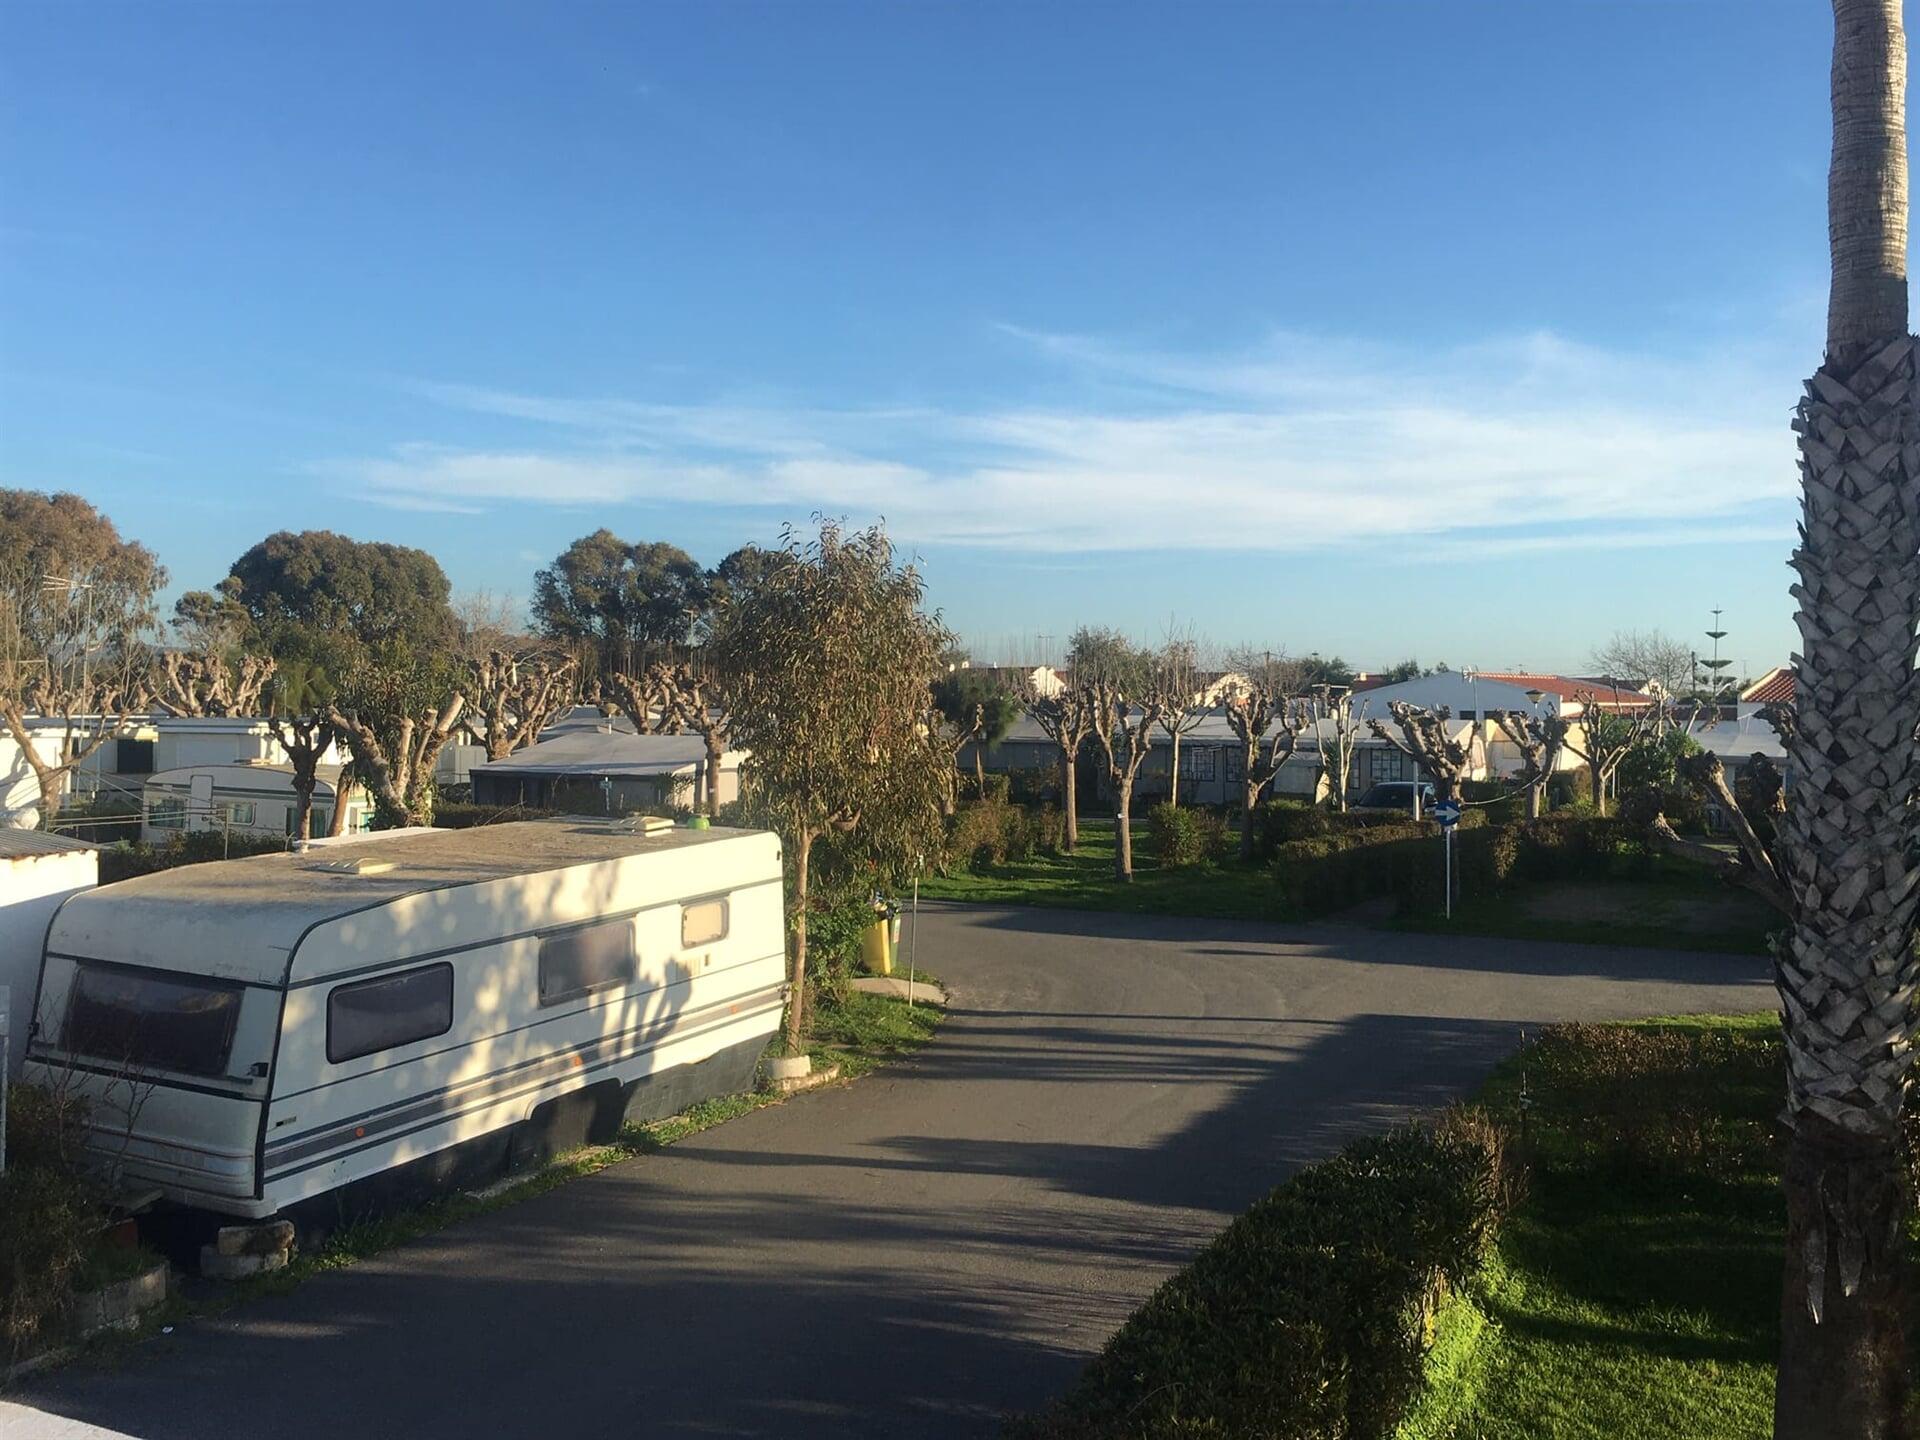 Camping Porto Covo